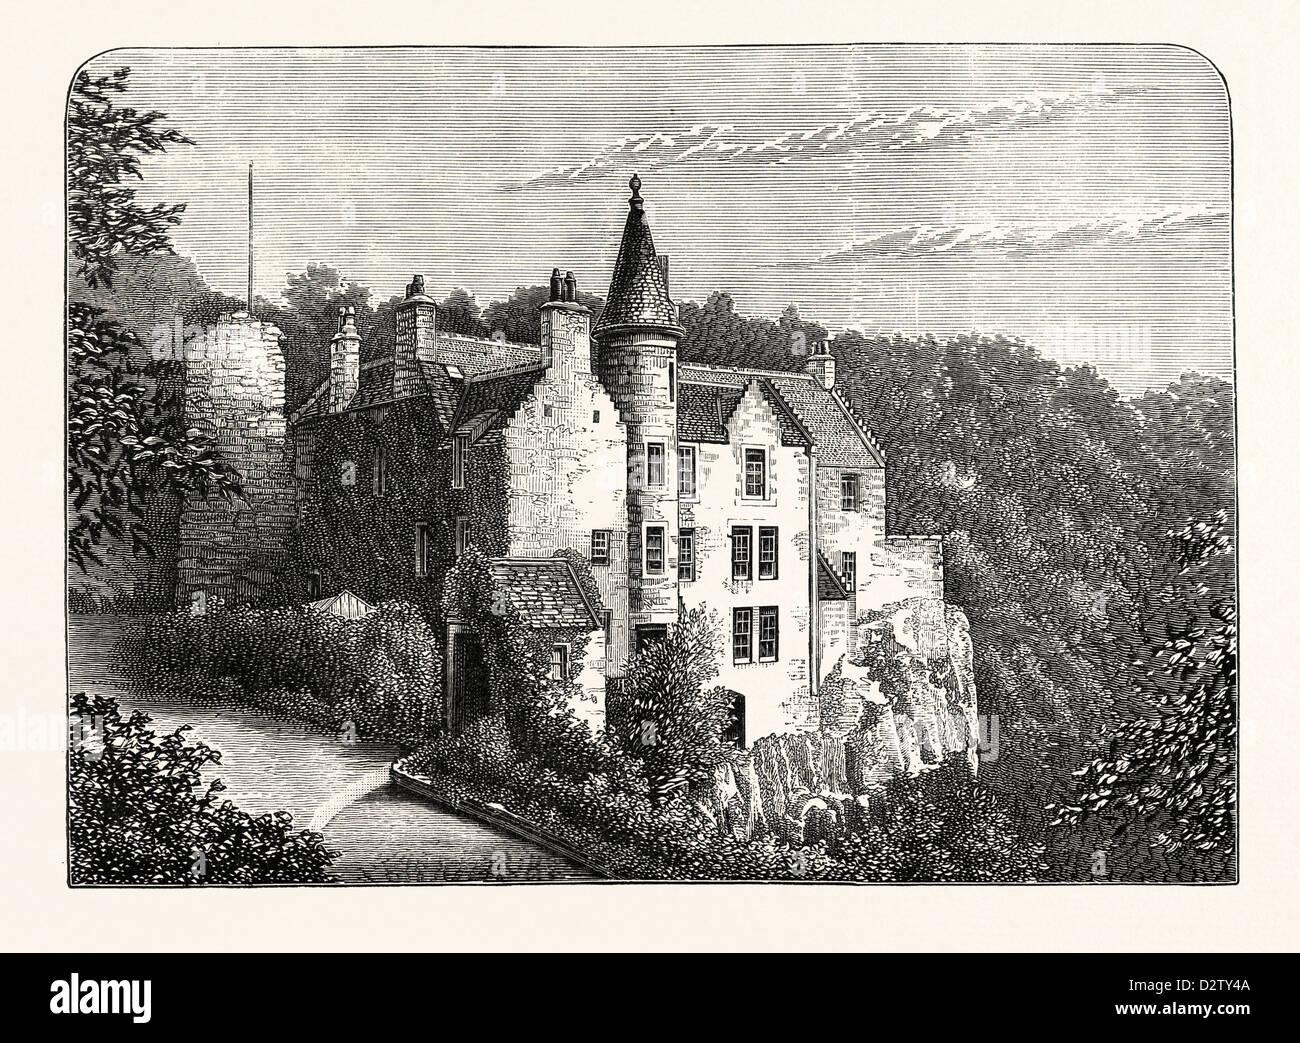 EDINBURGH: HAWTHORNDEN 1883 - Stock Image